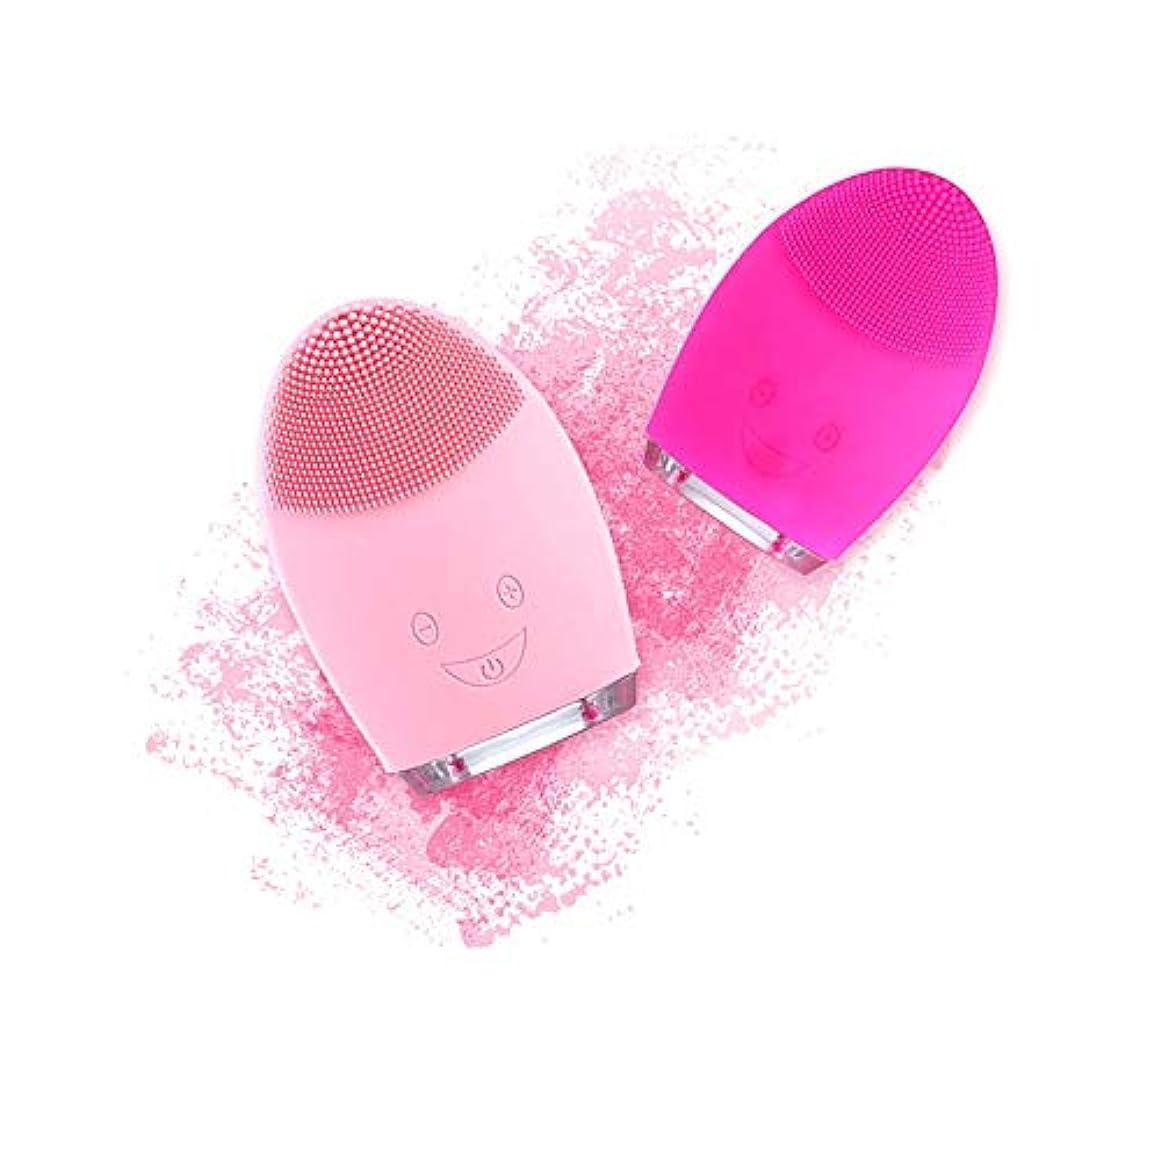 掘る歌息苦しいZXF USB充電式シリコンクレンジング楽器超音波洗顔毛穴きれいな防水美容器ピンク赤 滑らかである (色 : Red)